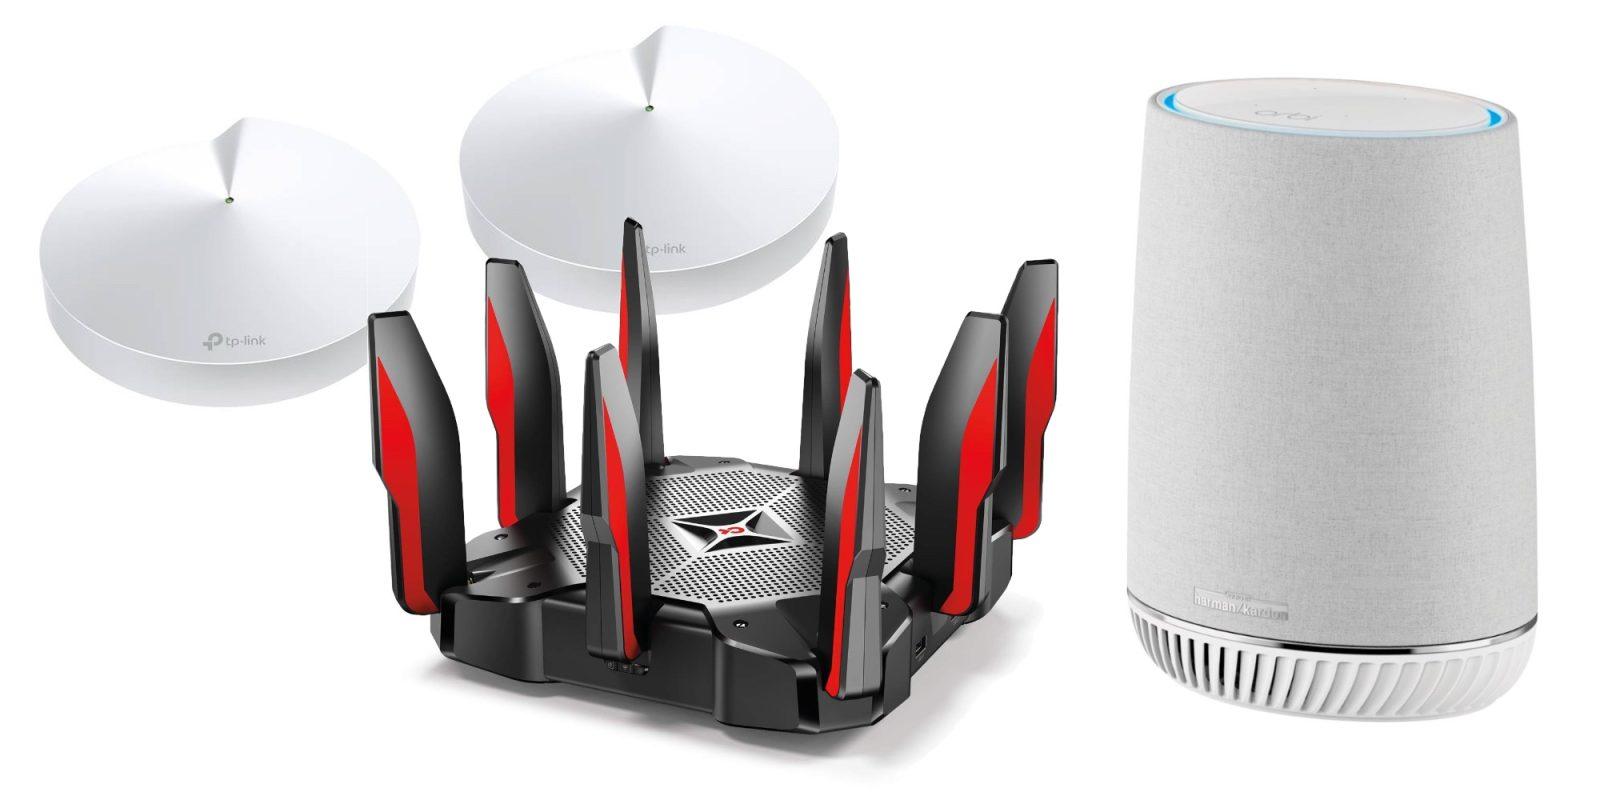 Save $100 on NETGEAR's Orbi Voice Alexa Speaker & Mesh